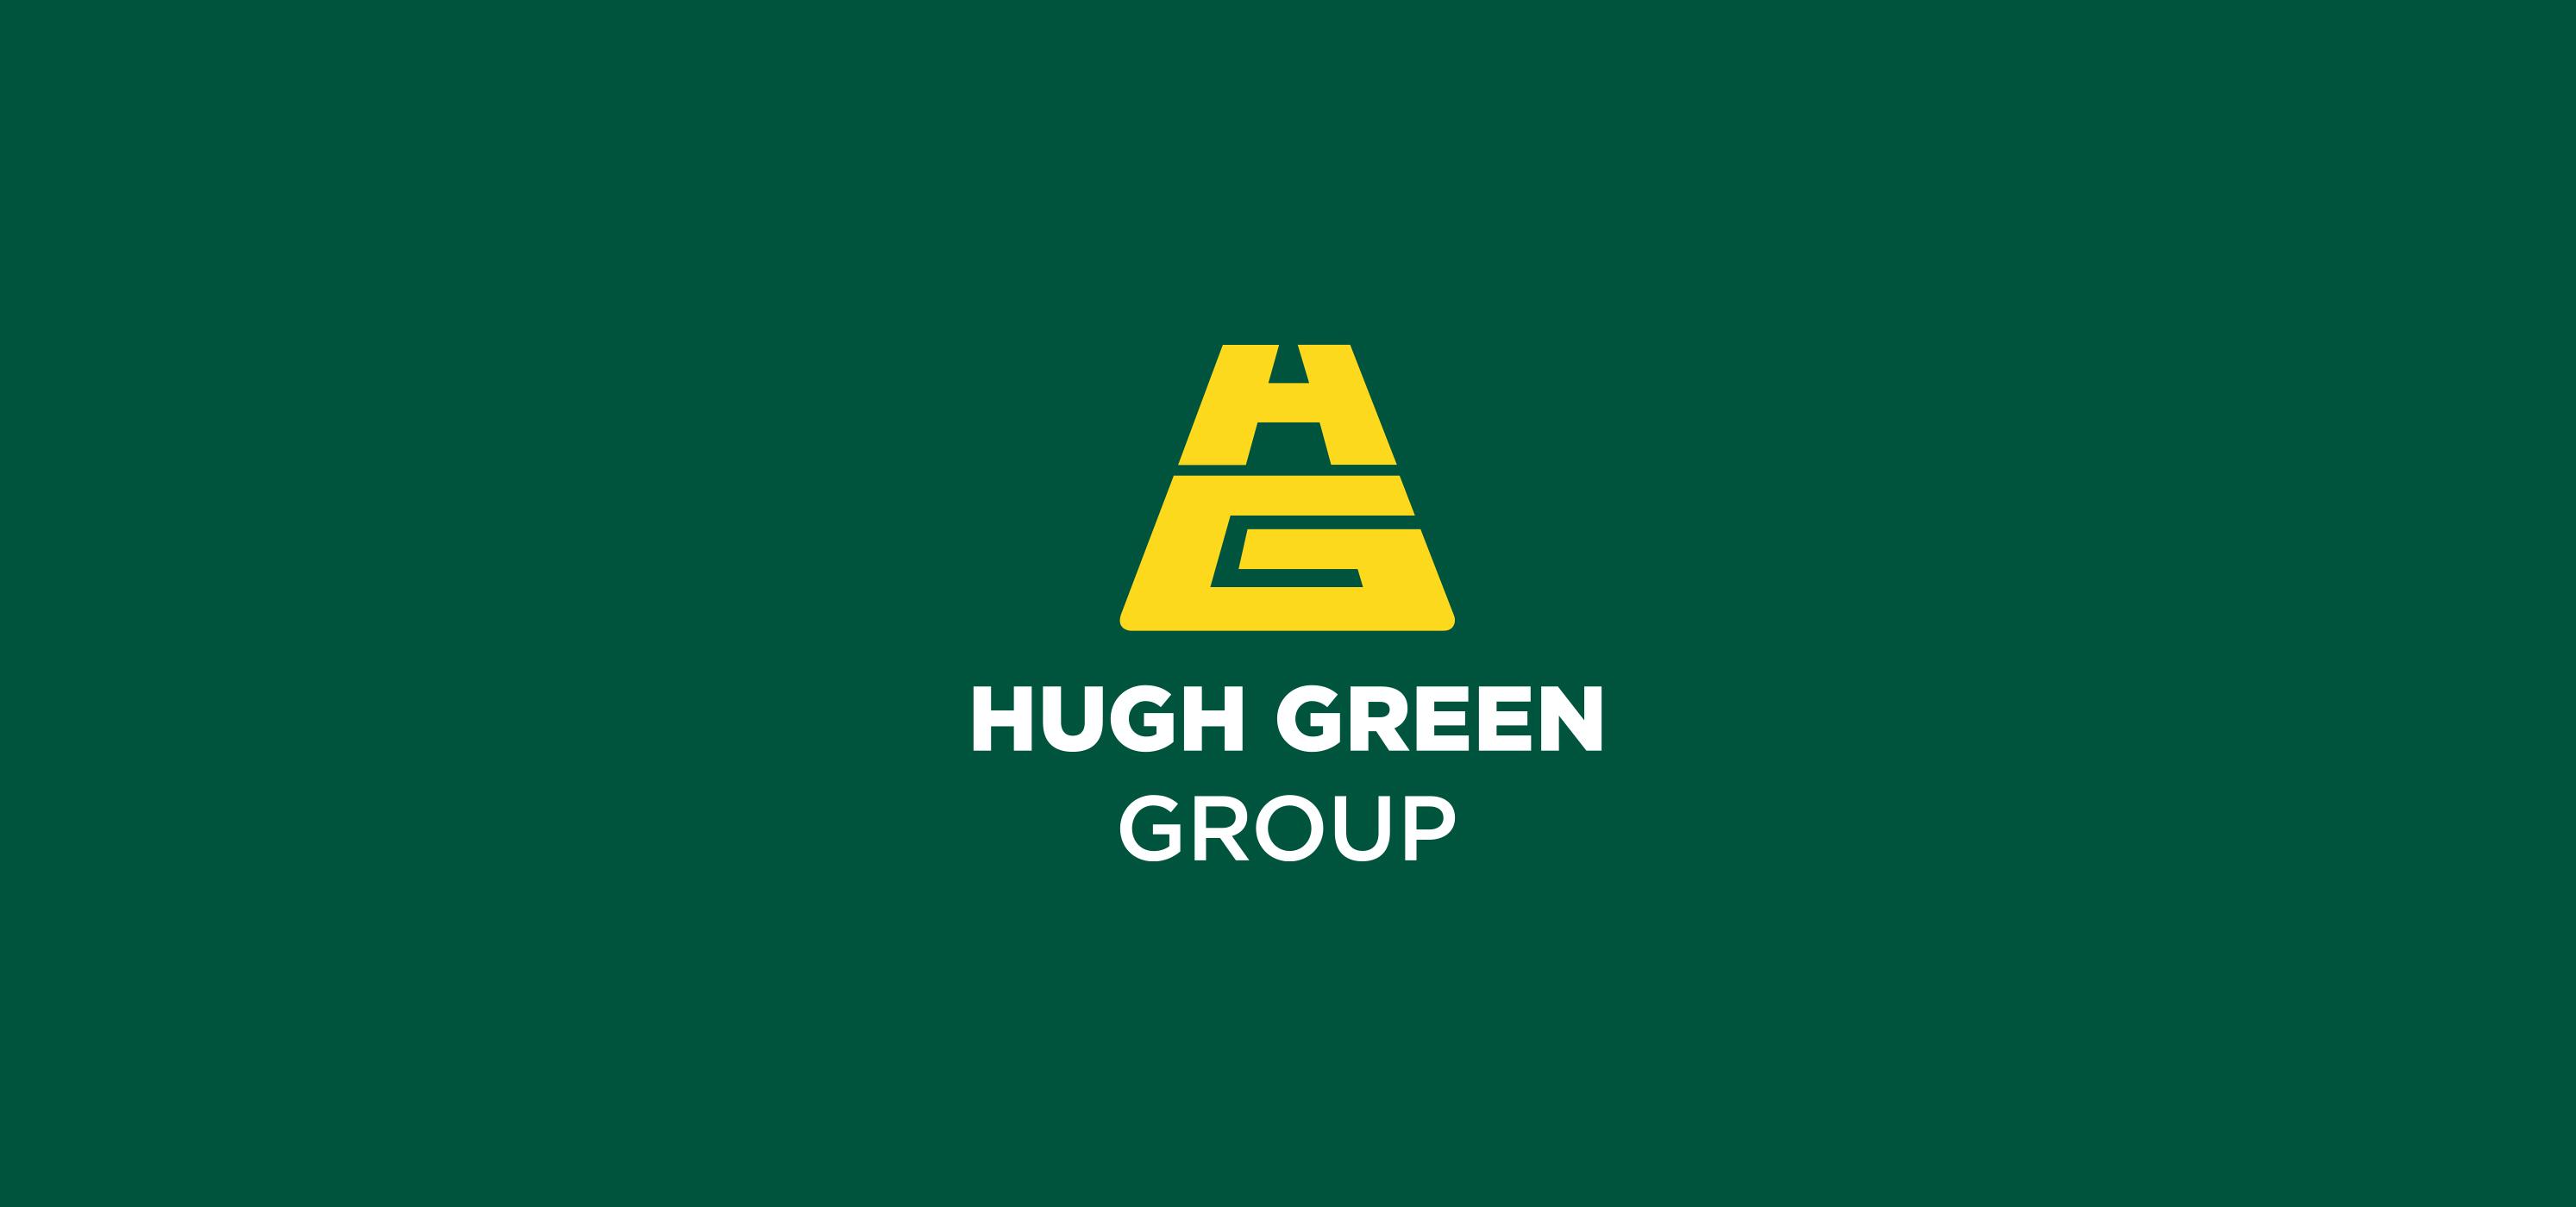 logos__0017_HG